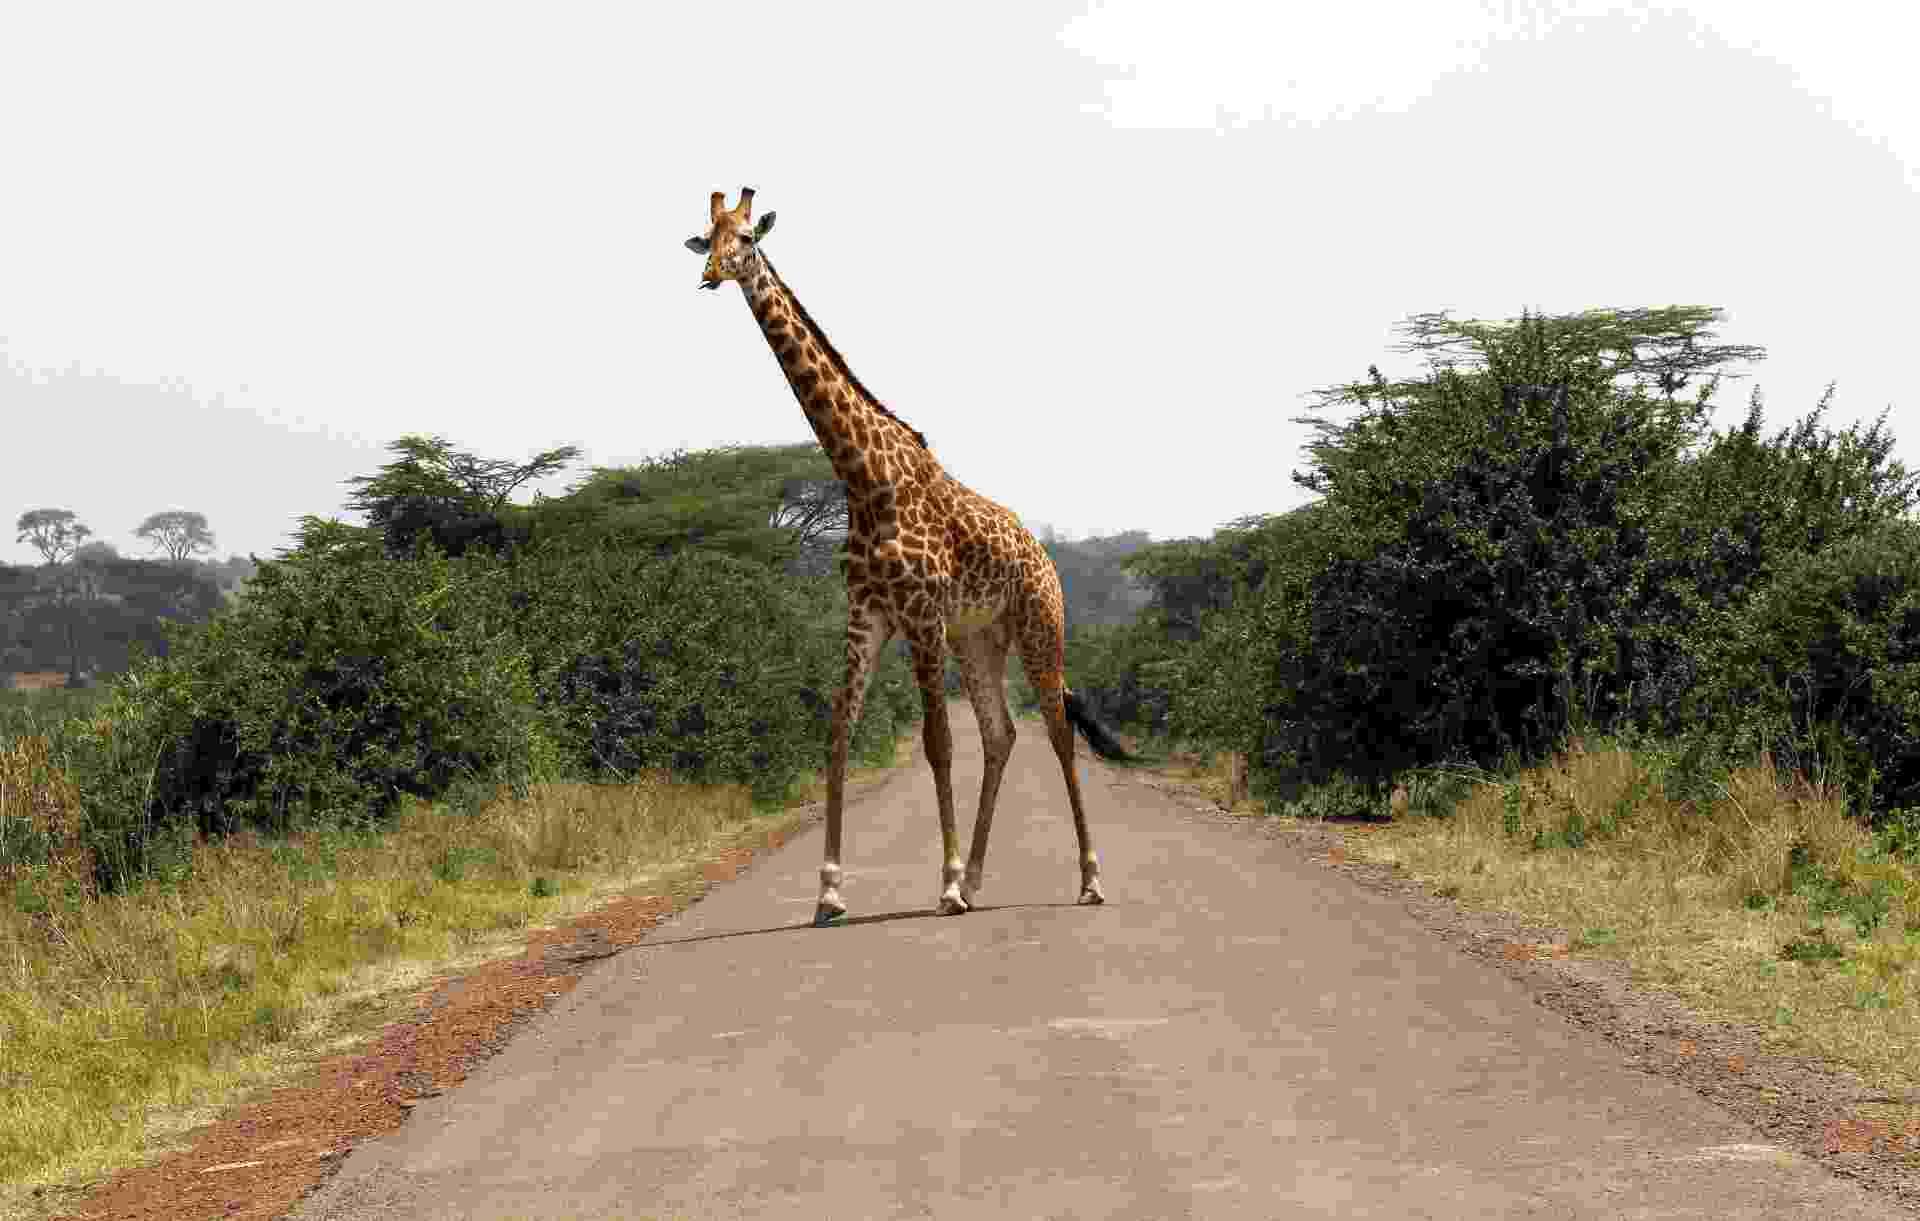 Girafa caminha em estrada pavimentada no Parque Nacional de Nairóbi, no Quênia - Thomas Mukoya/Reuters